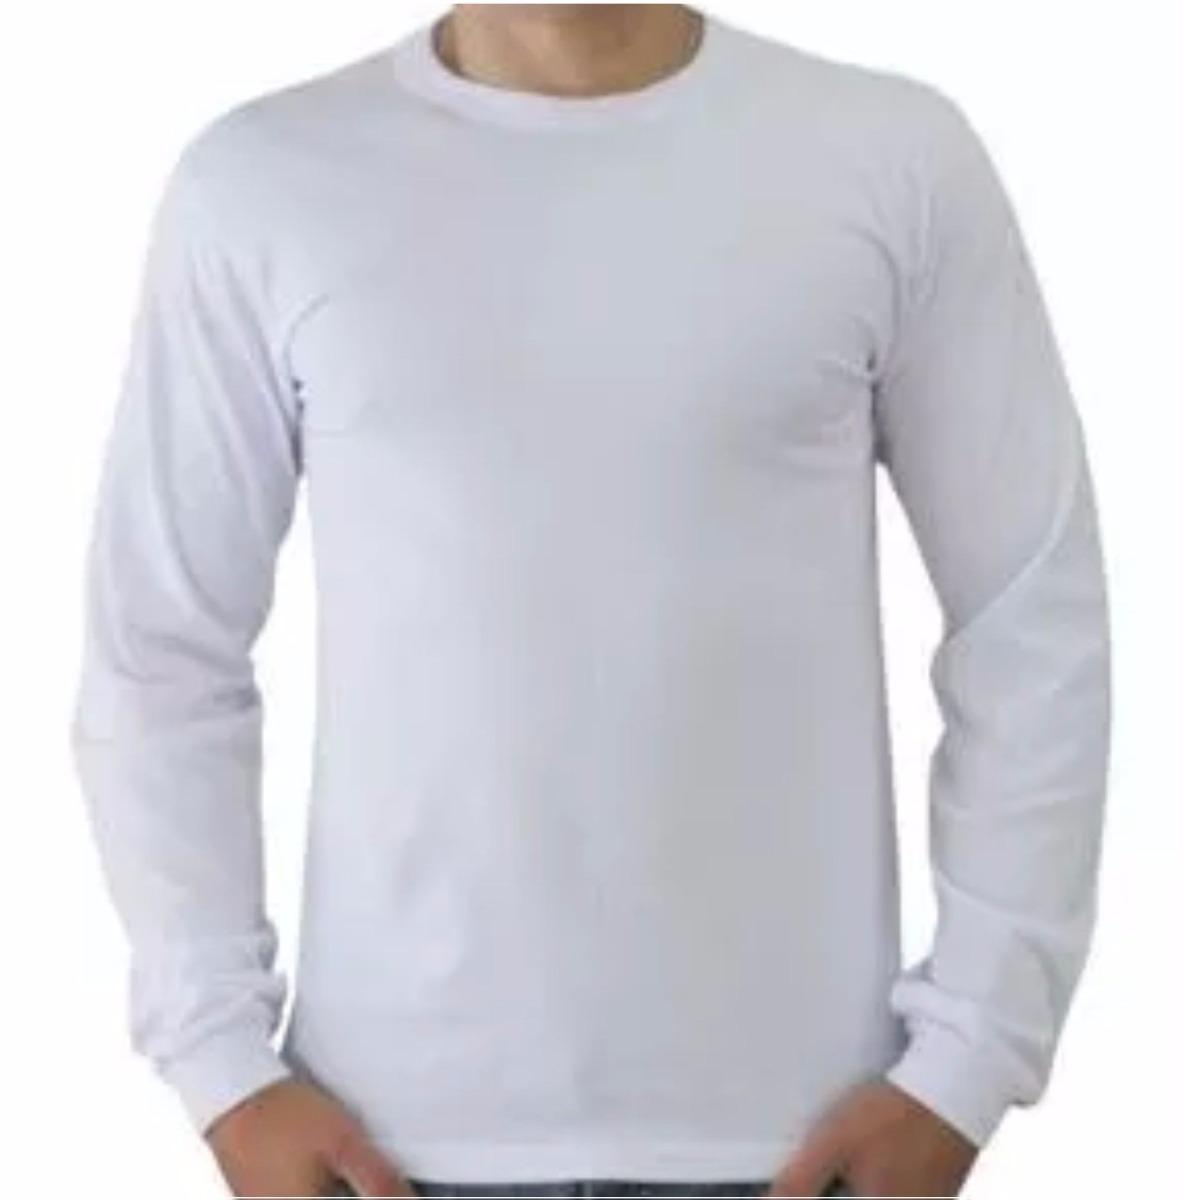 ff1b10e9e2 camisetas malha fria manga longa excelente p estampas 01 un. Carregando  zoom.